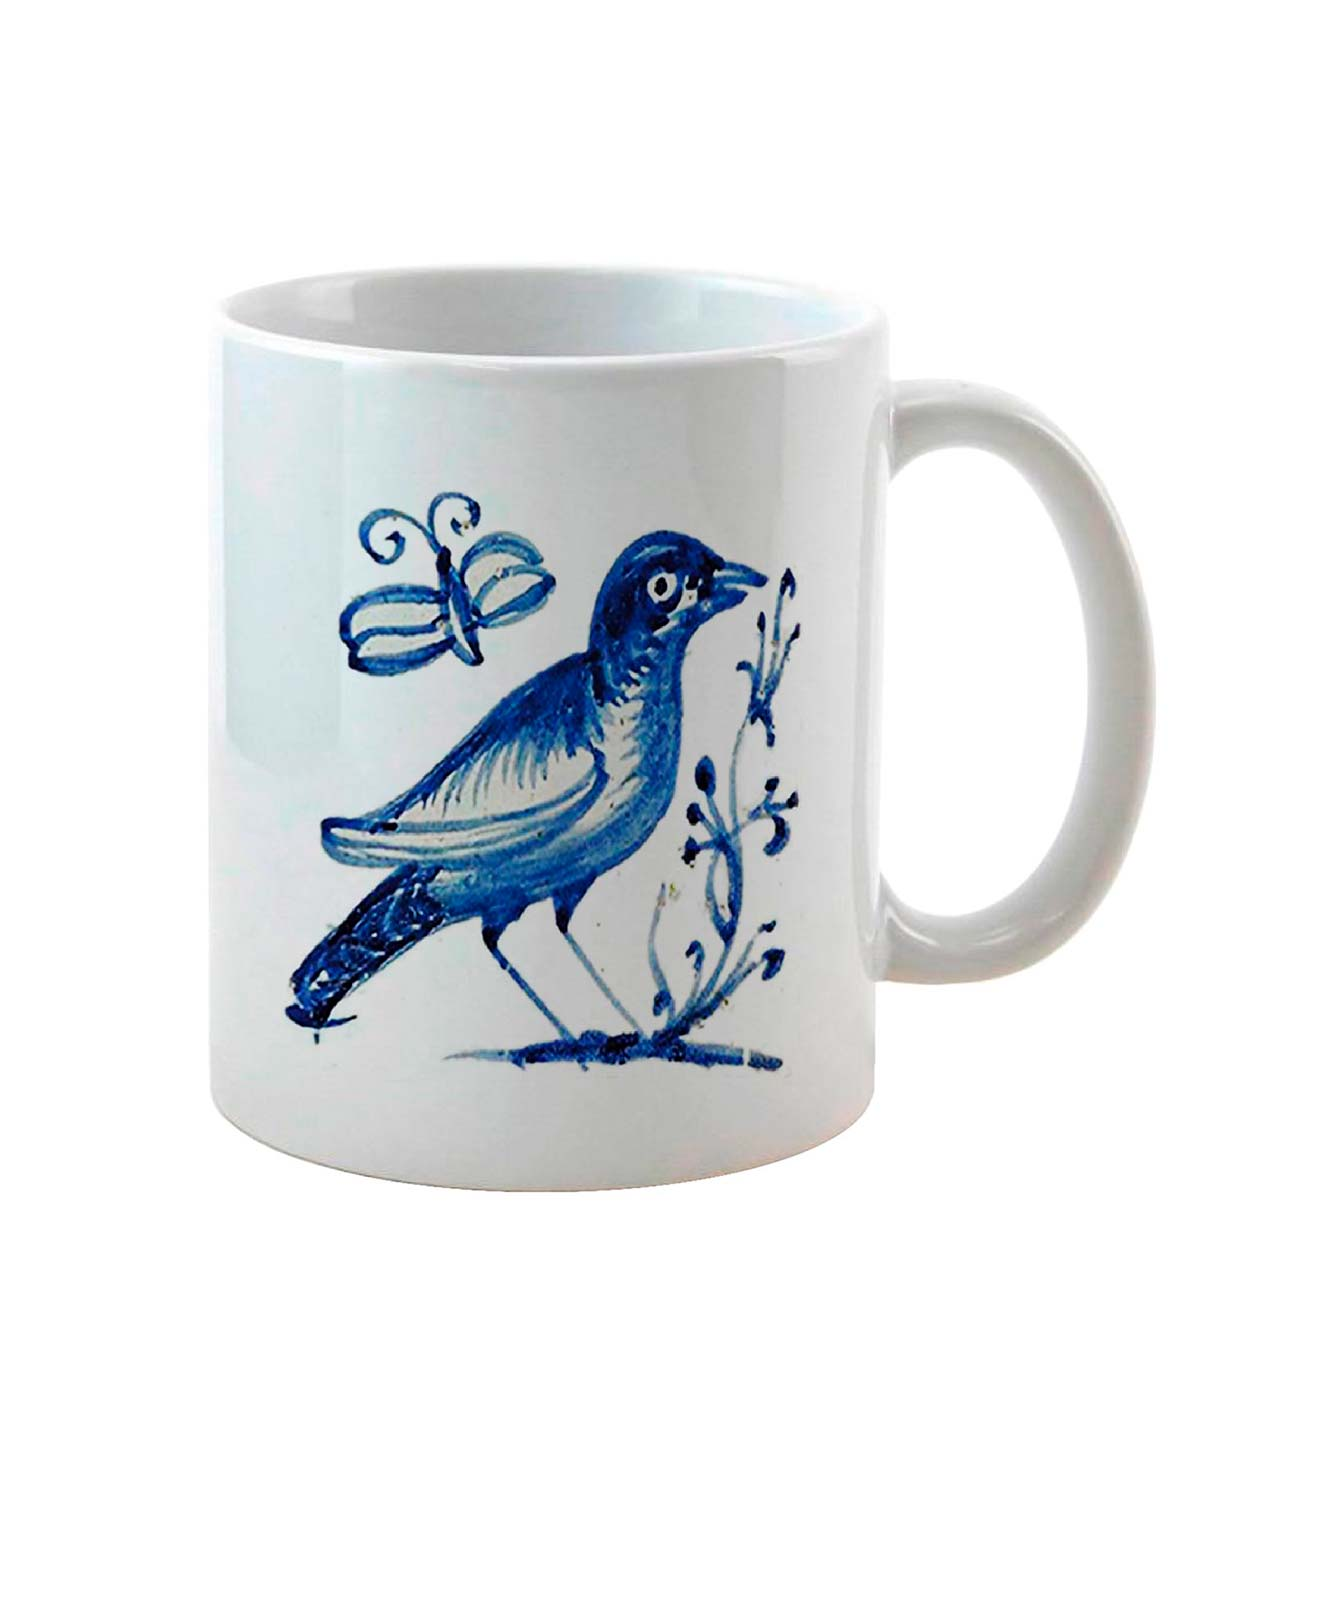 Black bird on Tile Ceramic White Mug